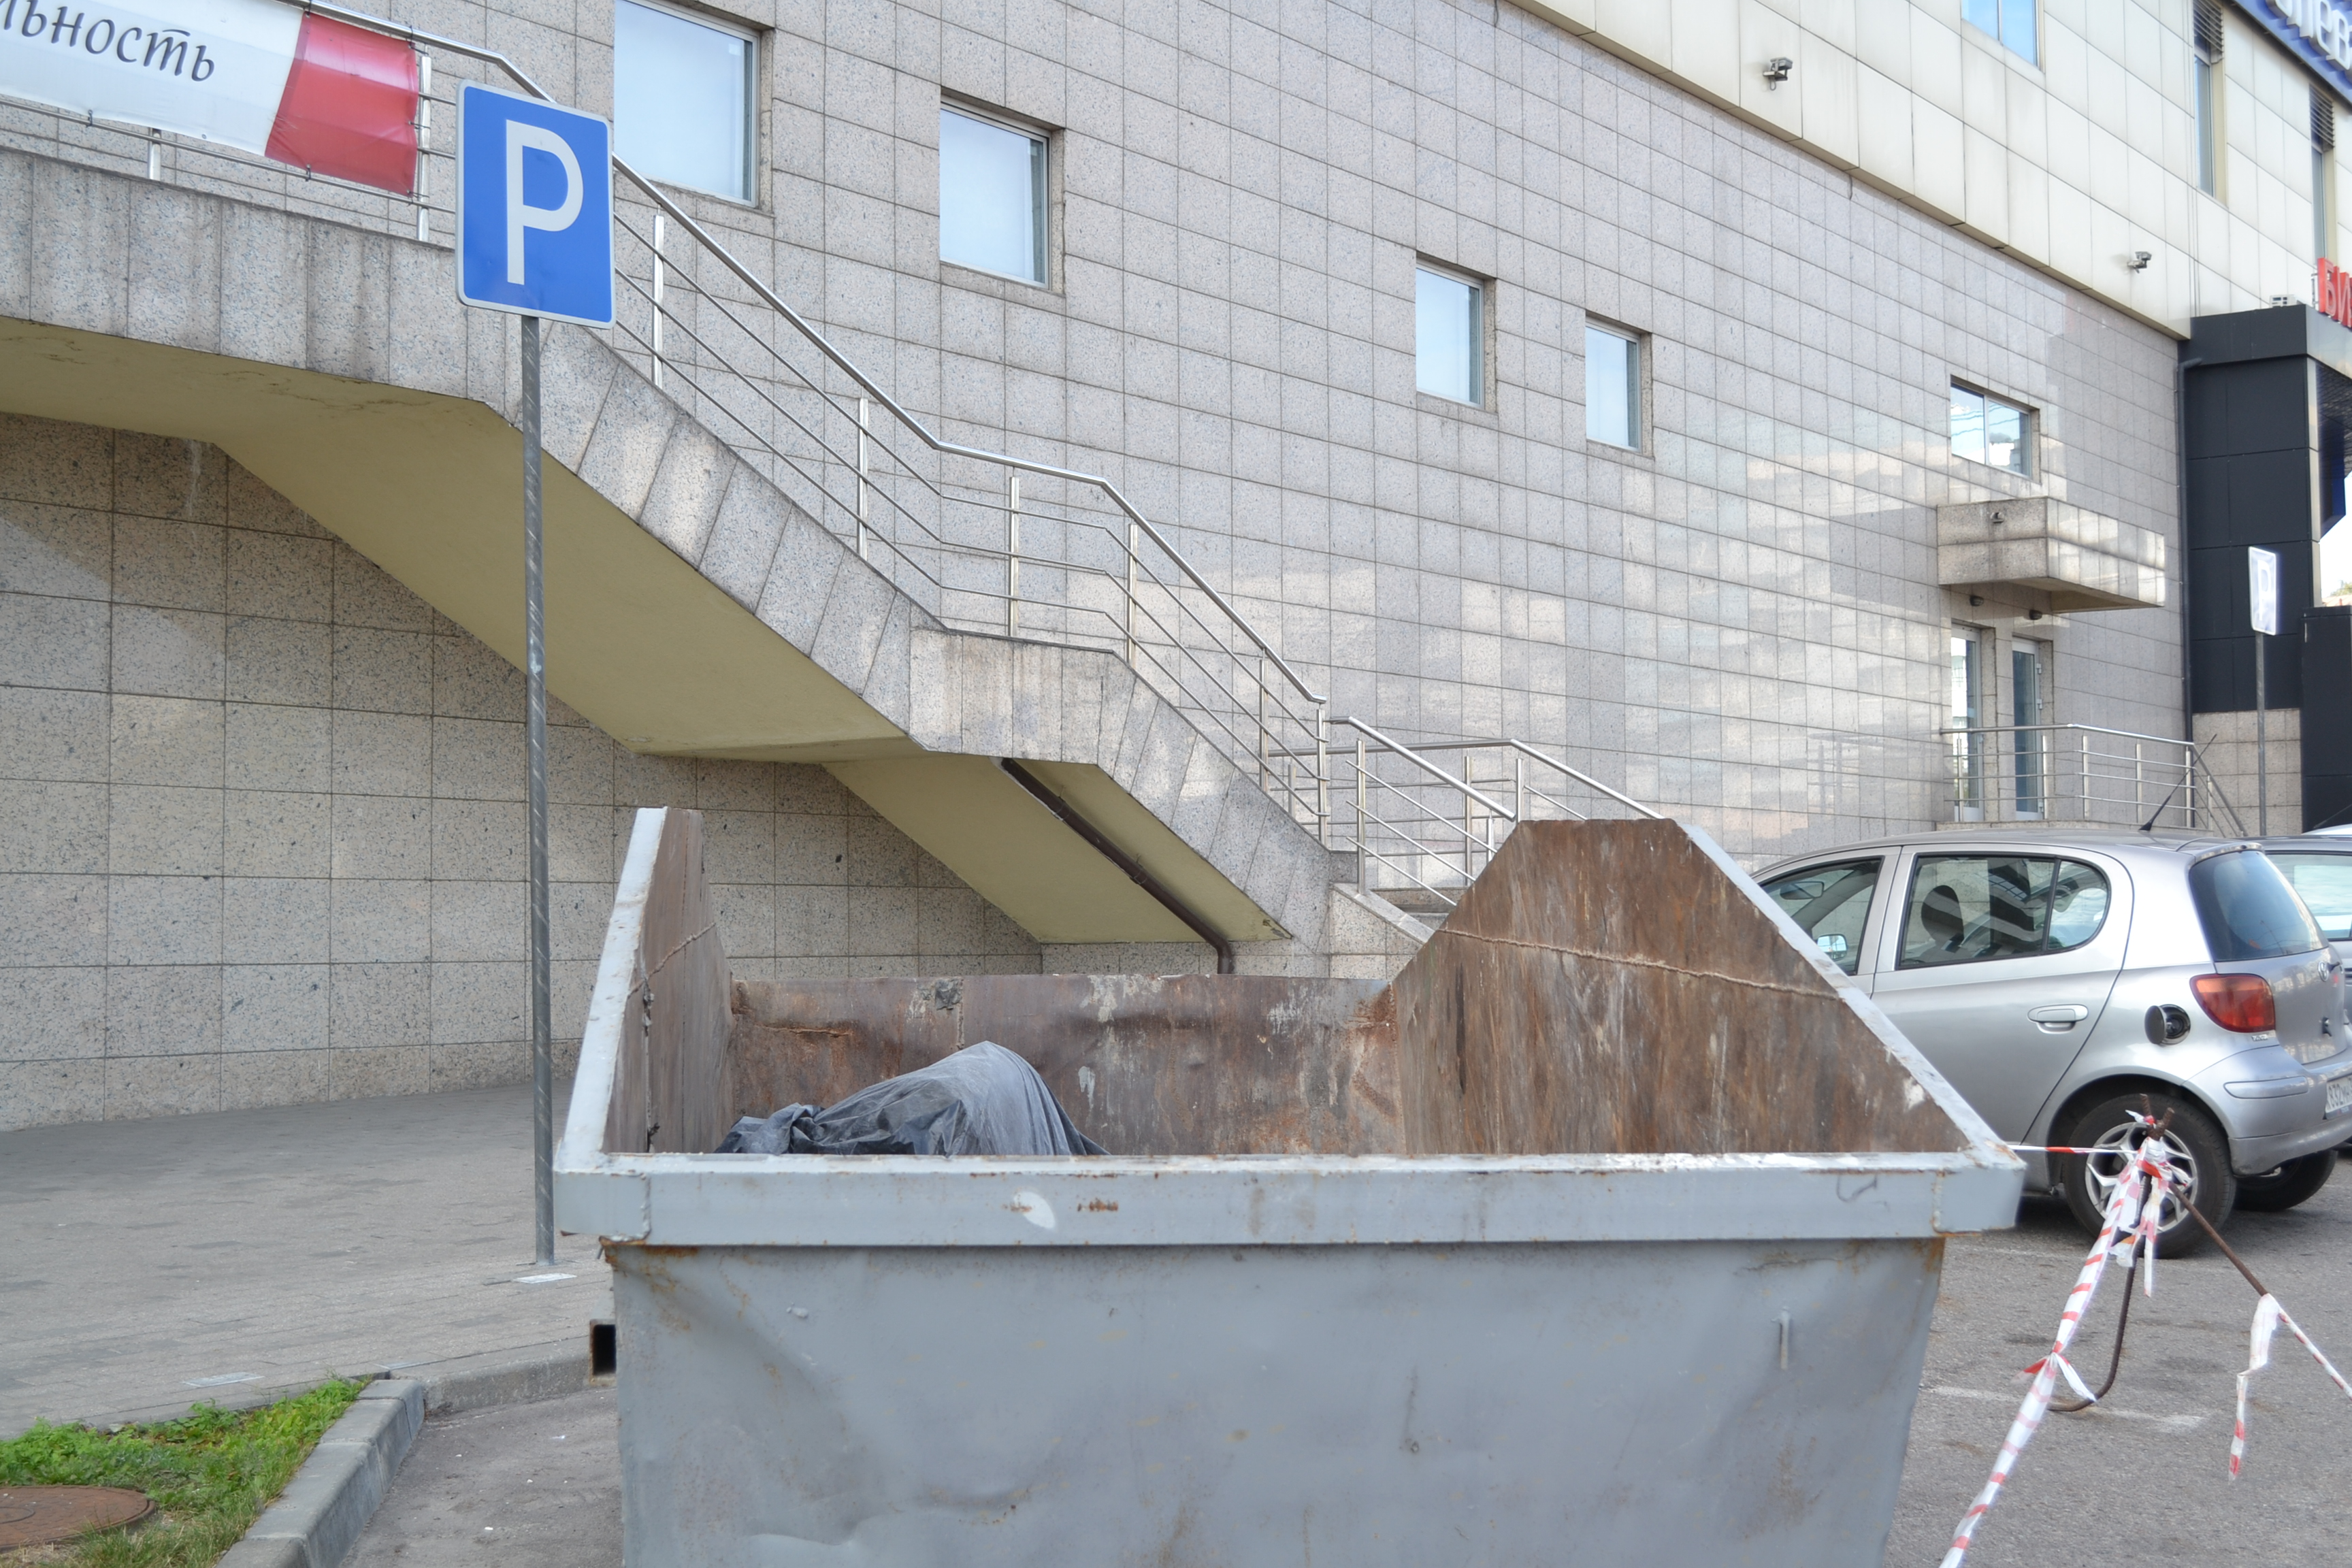 Контейнер для вывоза мусора, объём восемь кубов: Небольшой и маневренный контейнер, пользуется спросом как в черте города, так и за его пределами. Идеально подходит для вывоза мусора с густой застройки, после ремонта квартир, реставрации зданий и сооружений, на строительных площадках для сбора мусора, лидирует именно этот контейнер.